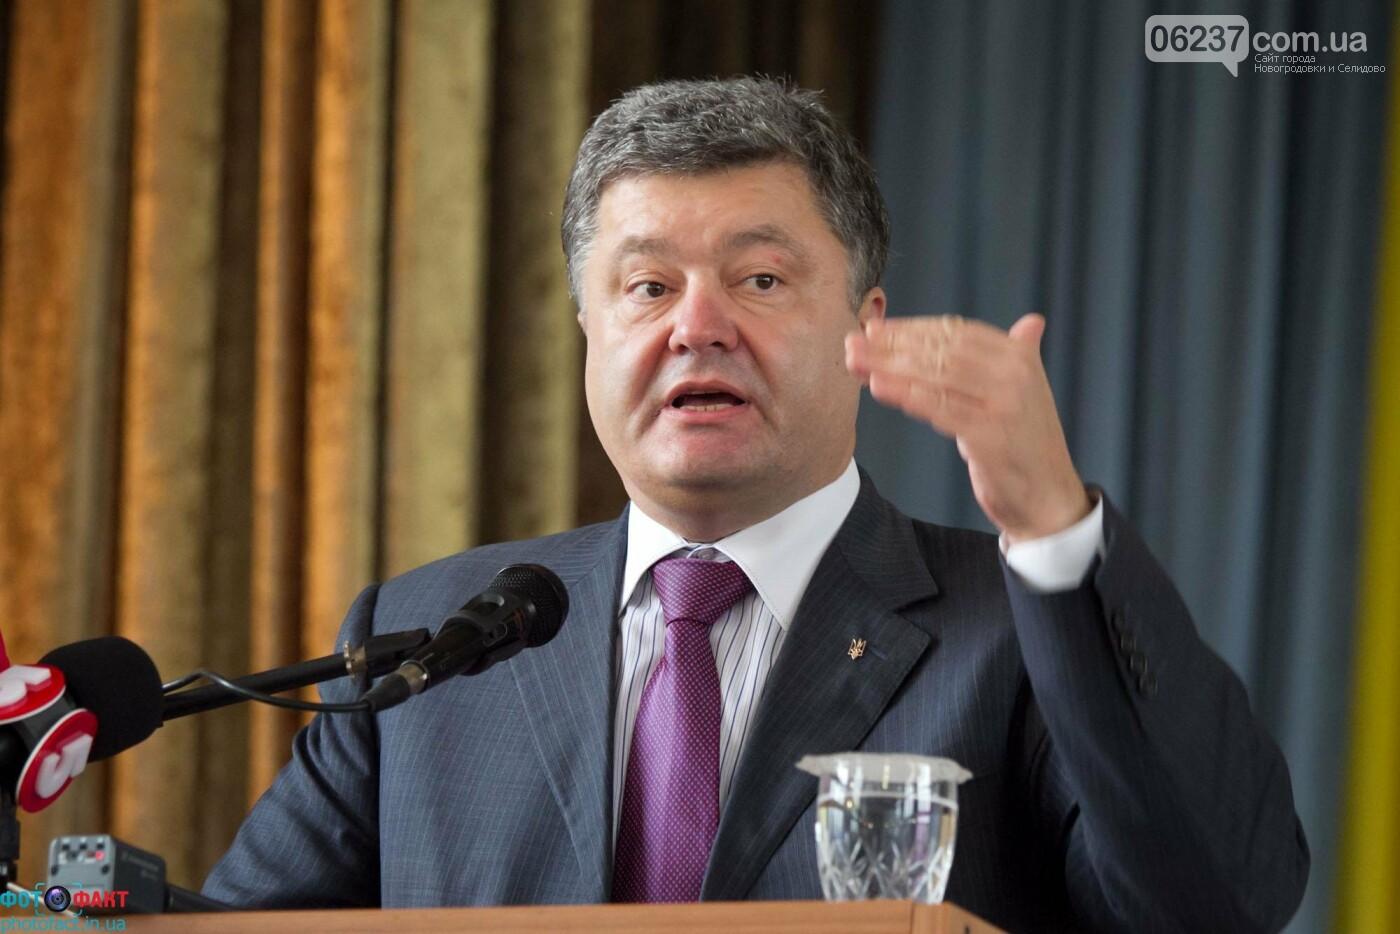 Петр Порошенко: «13-я пенсия» для малообеспеченных пенсионеров возможна, фото-1